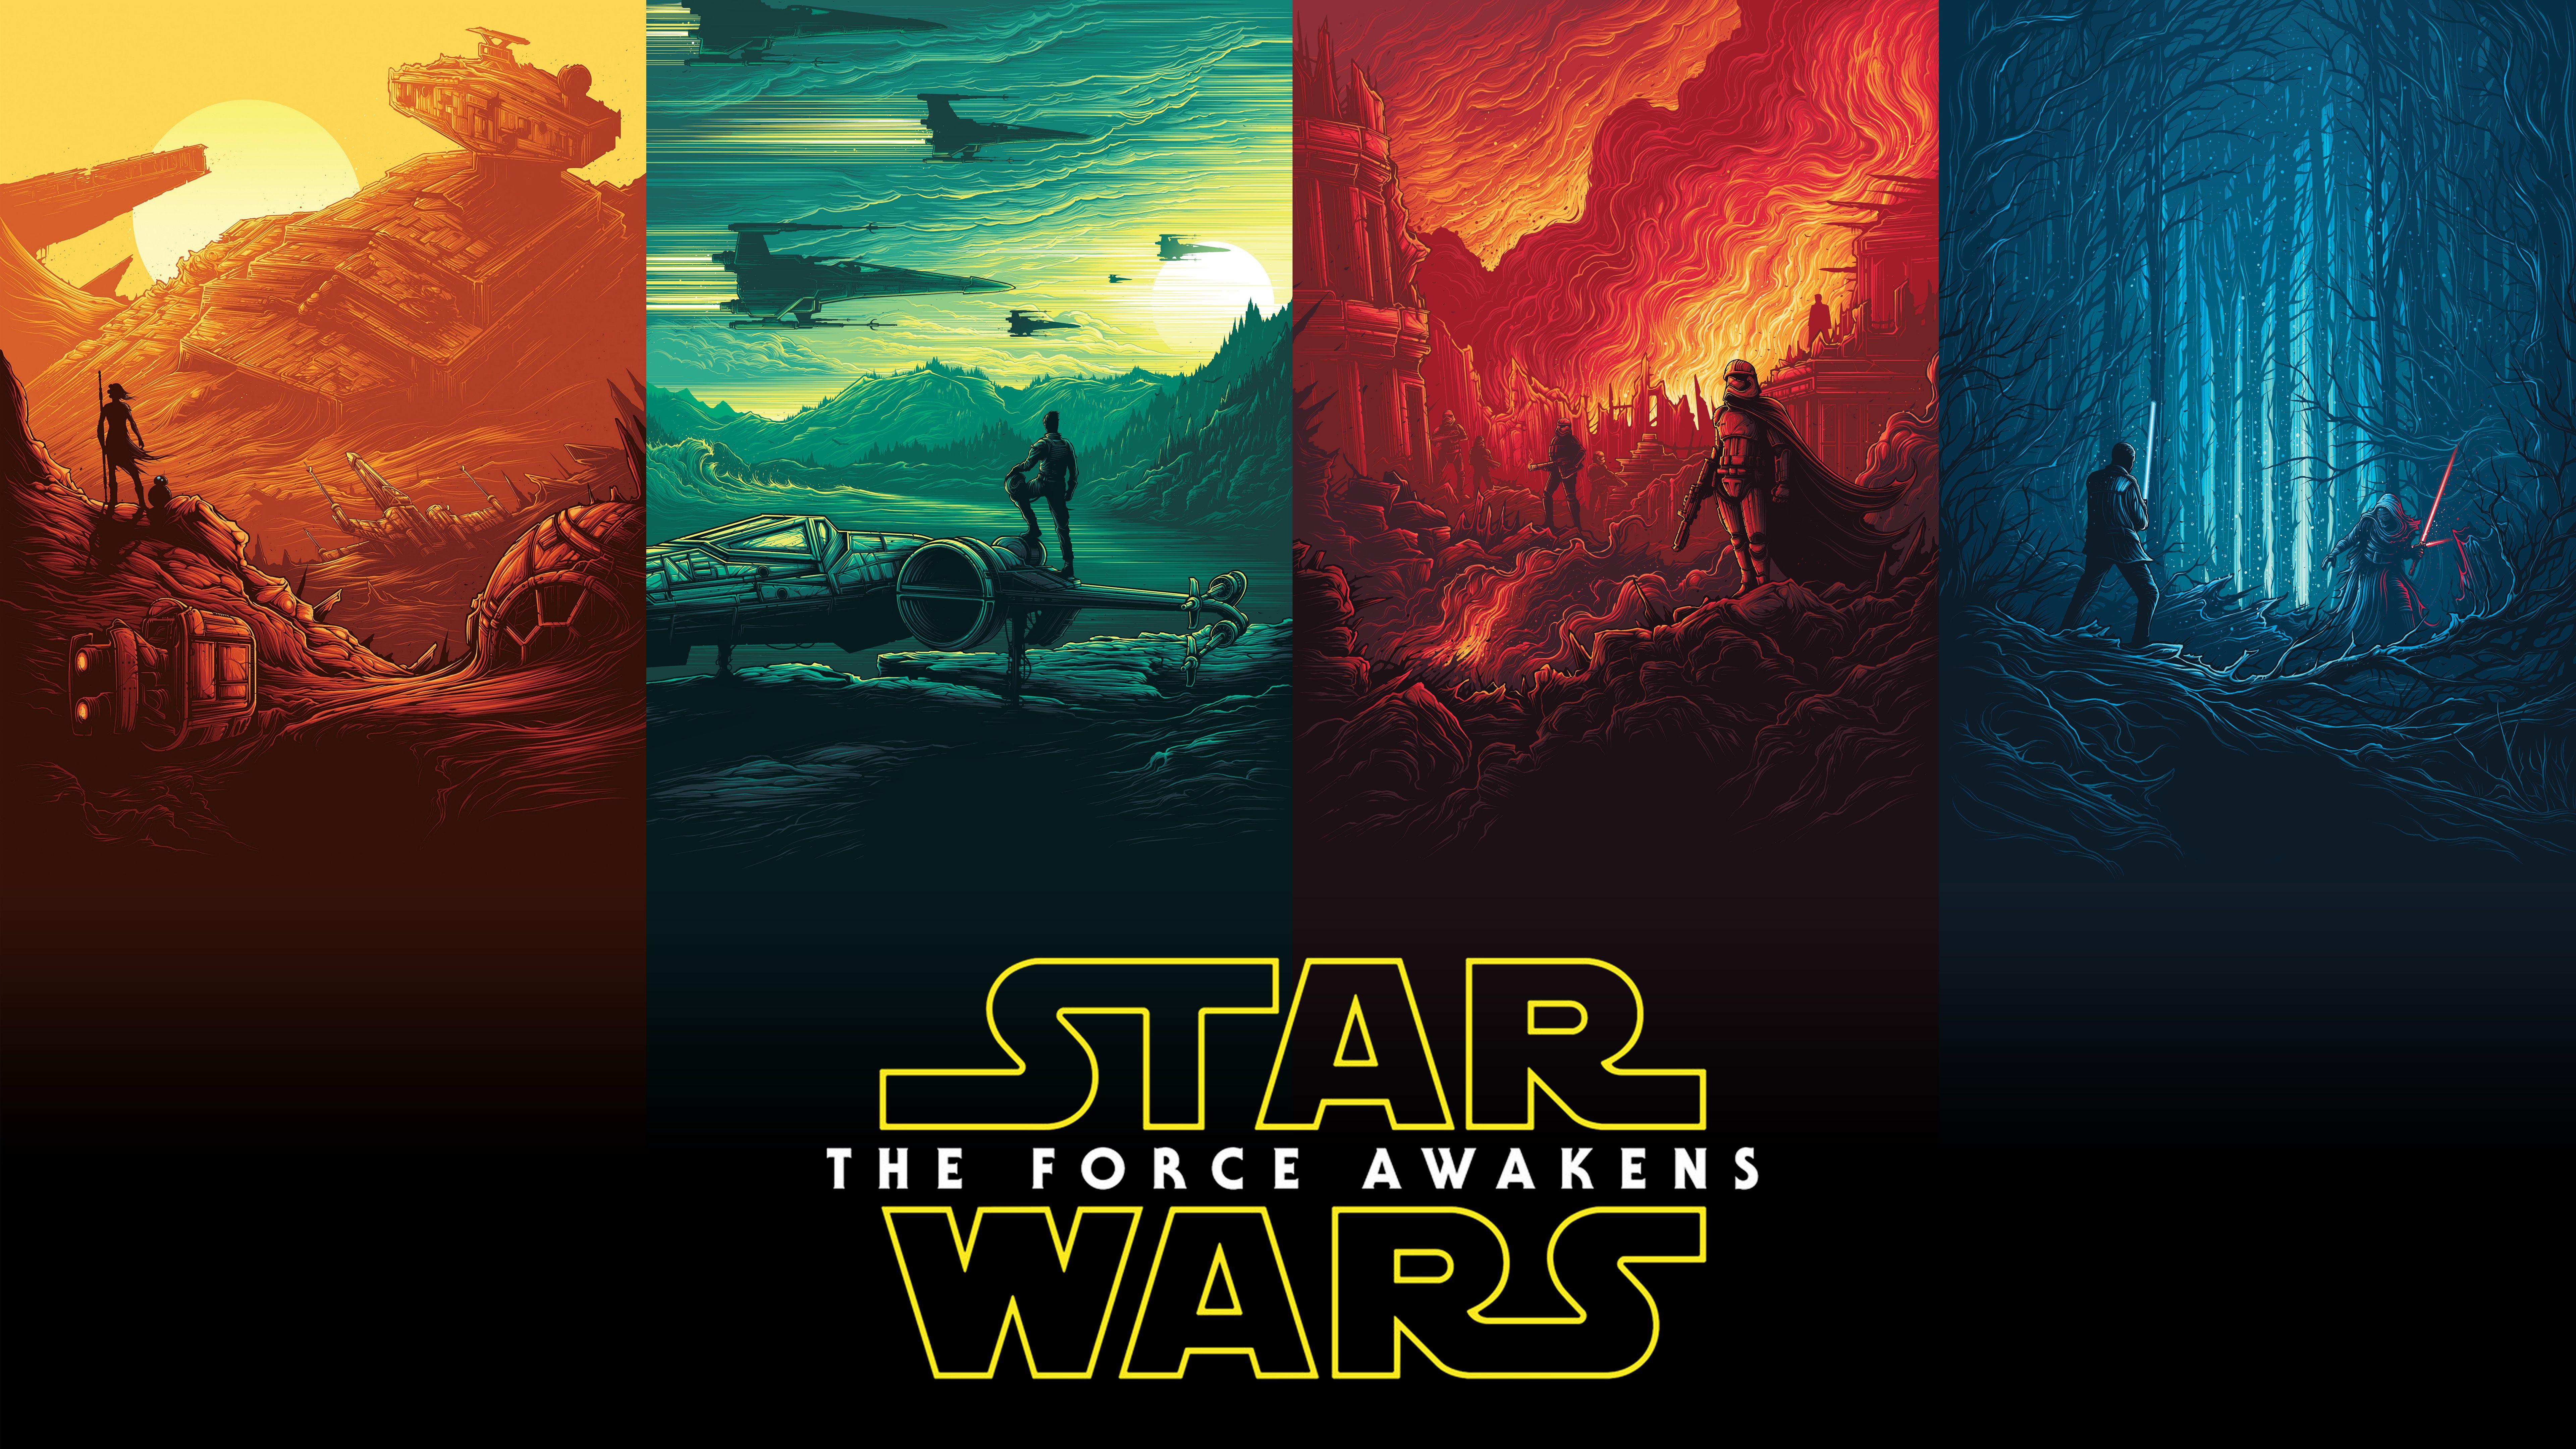 Star Wars Desktop Background Star Wars Wallpaper Star Wars Background Star Wars Poster